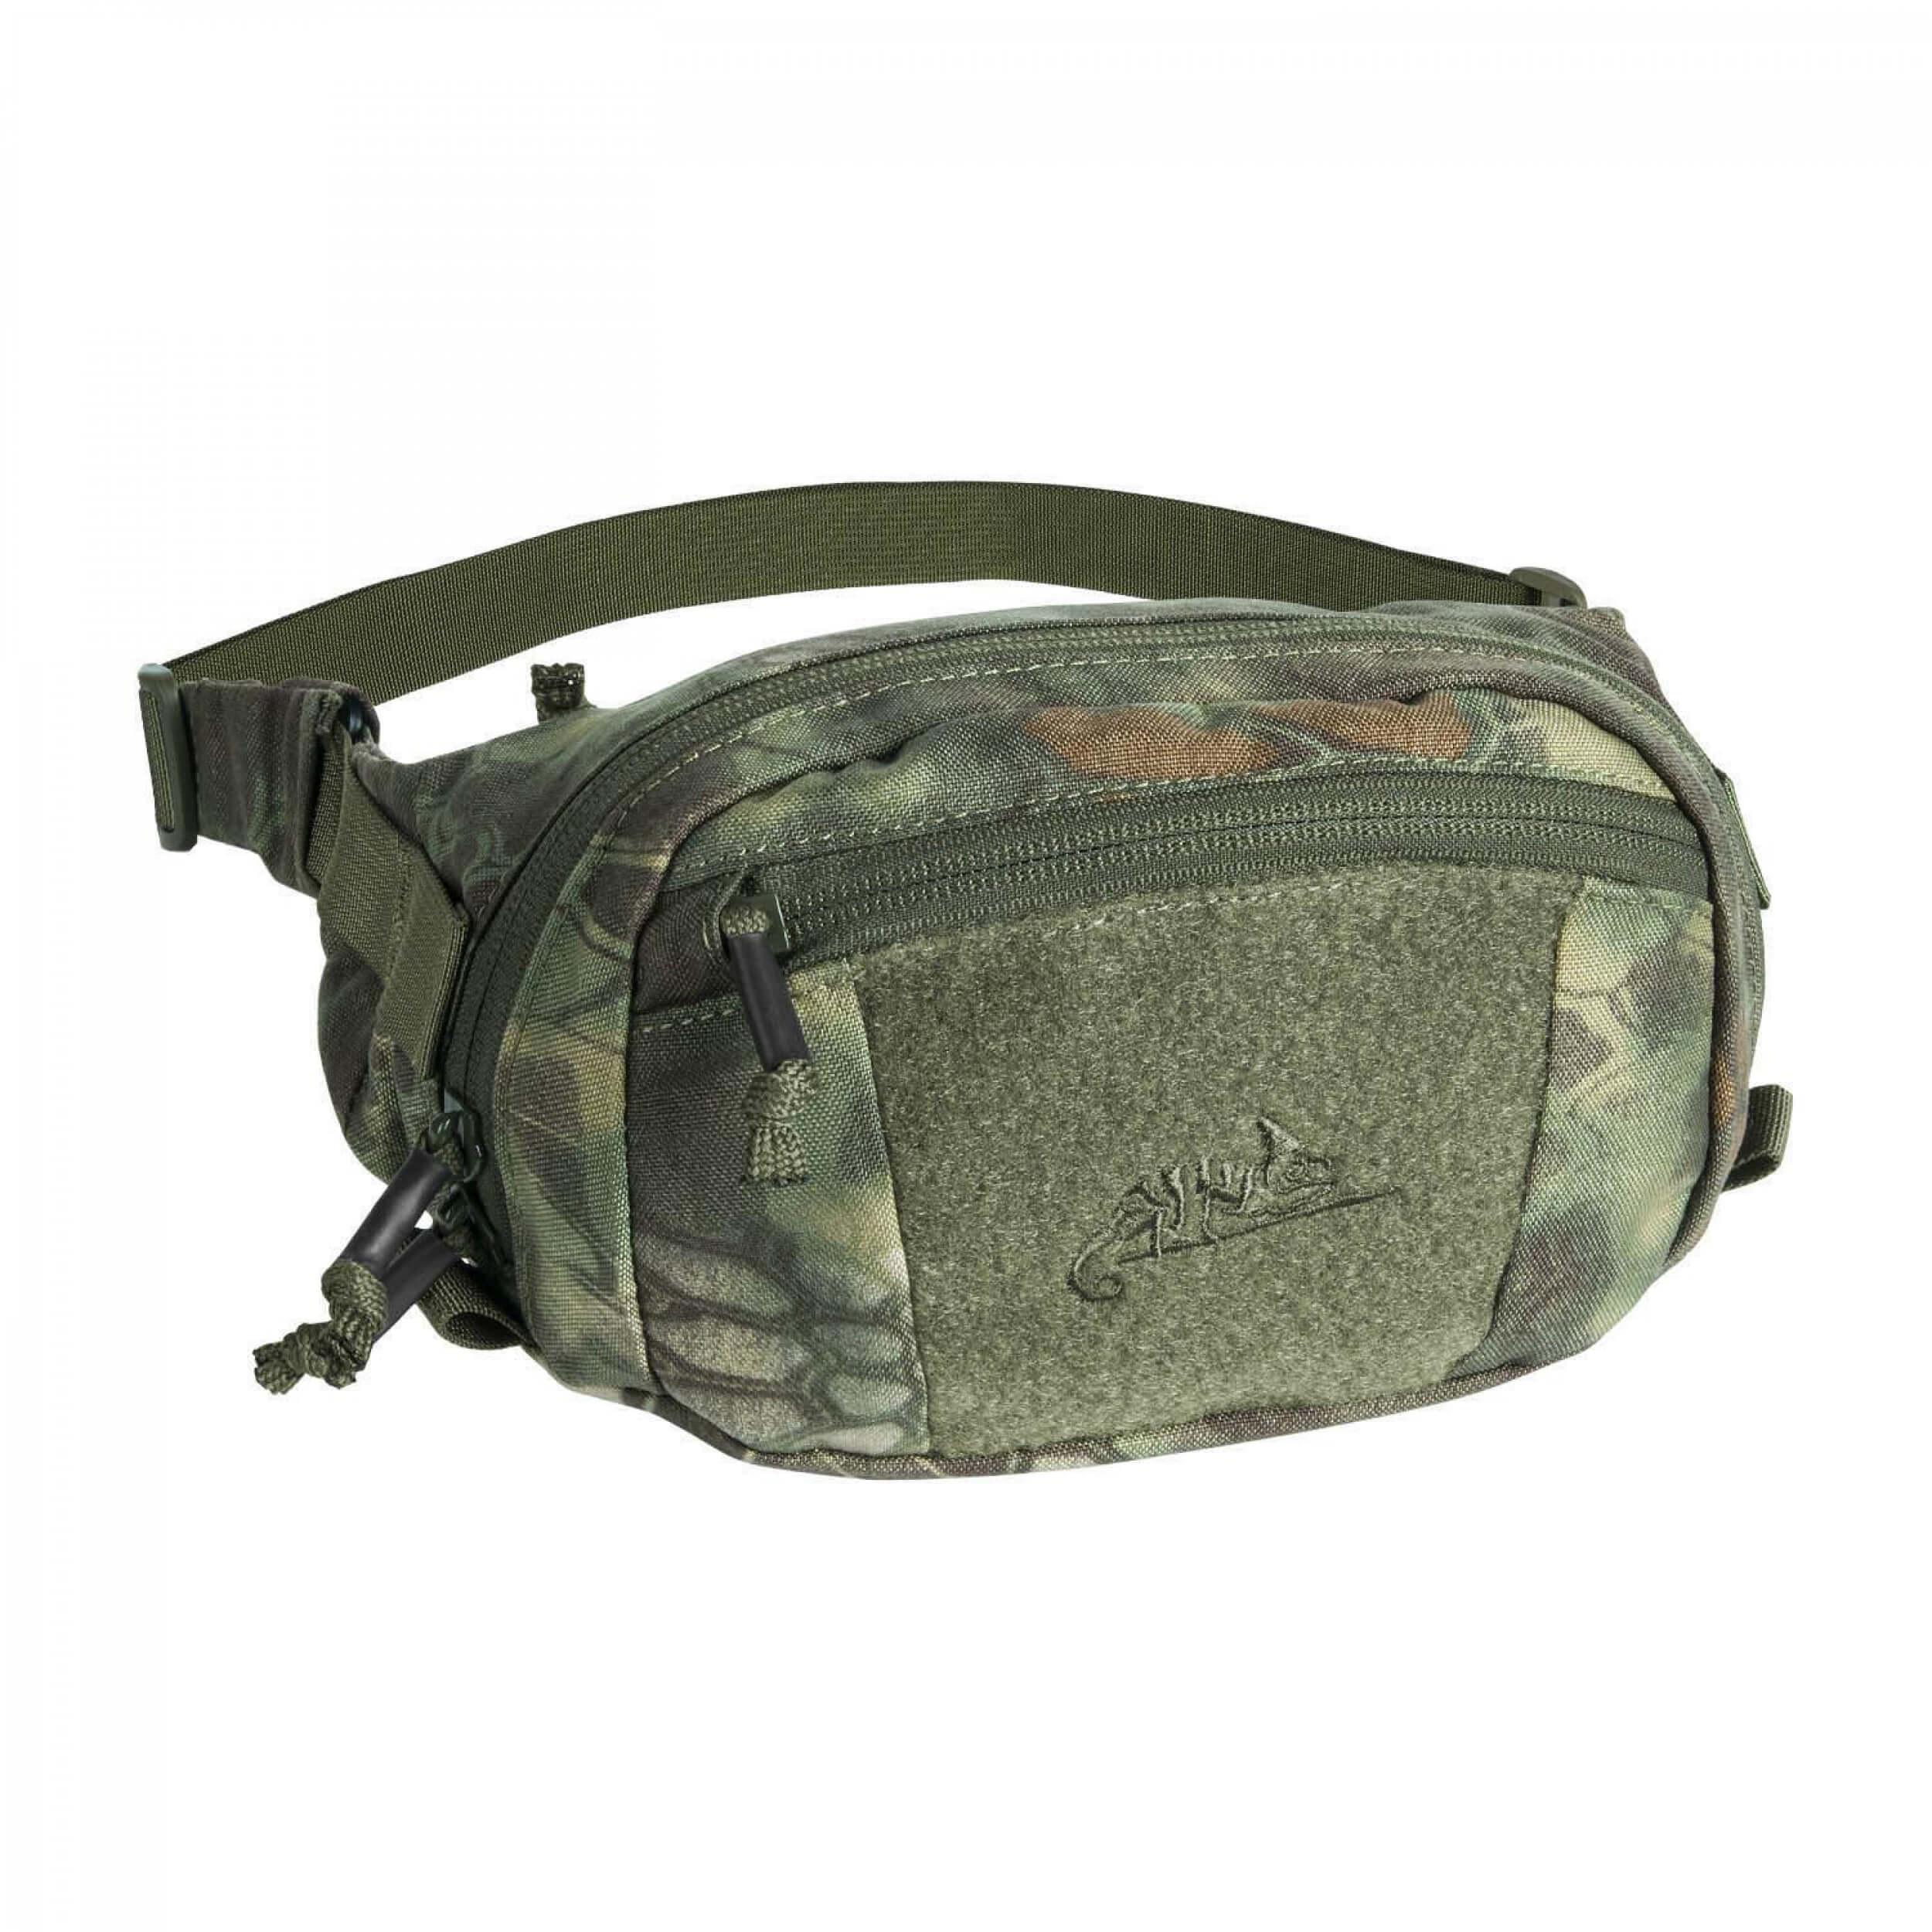 Helikon-Tex Waist Pack Possum Kryptek Mandrake